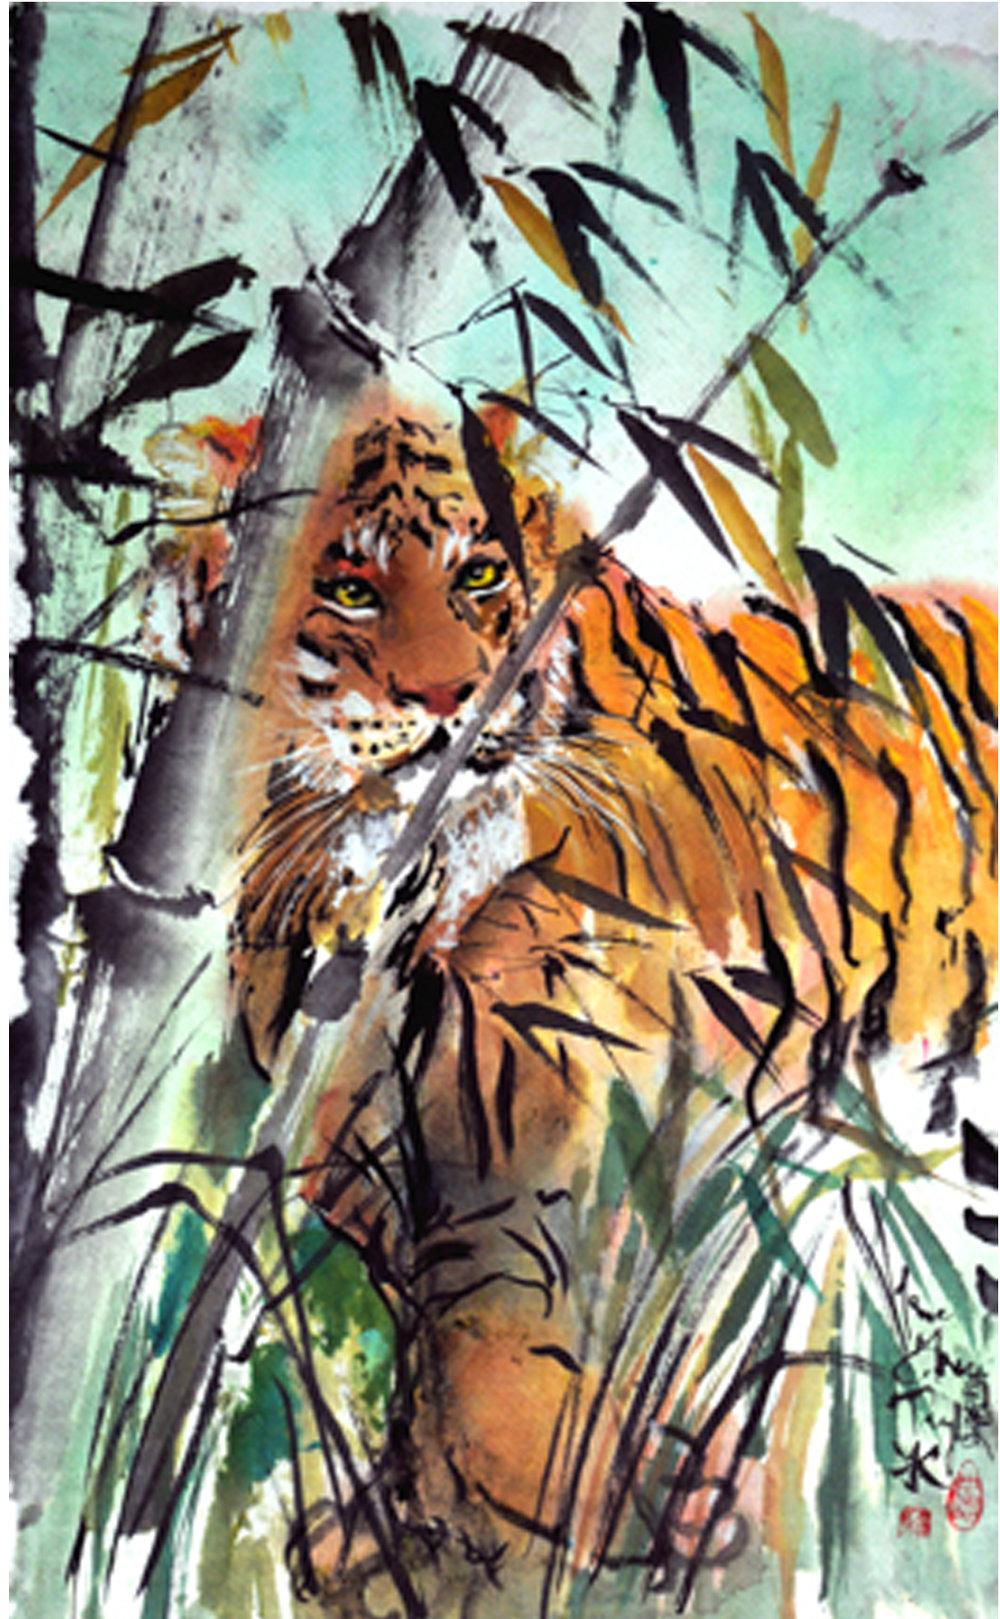 Tiger by Jane Grace Taylor